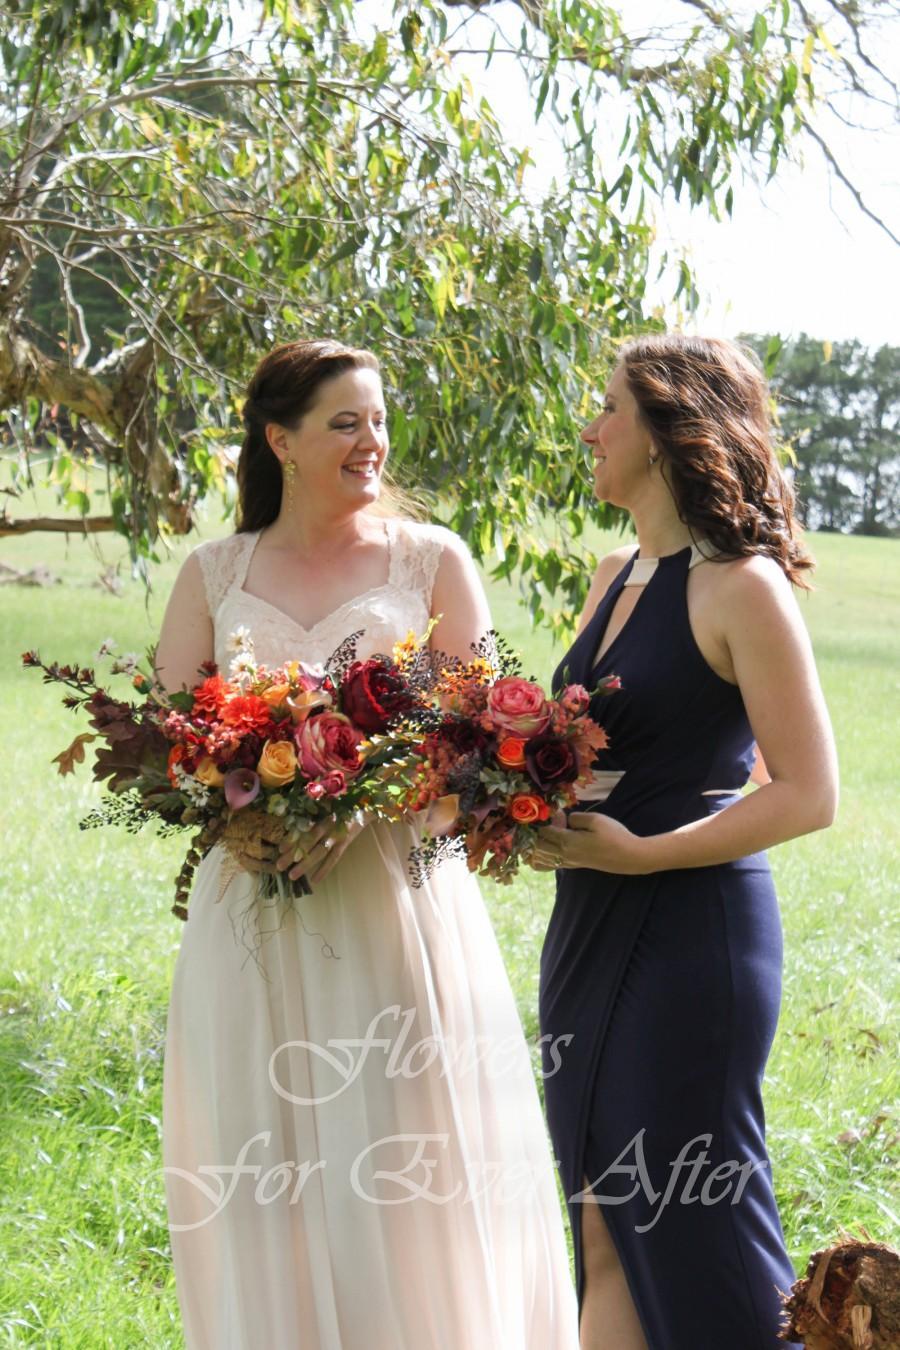 زفاف - Leanna Bride Bouquet, Boho bouquet, Rustic bride flowers, Autumn Fall Silk Wedding posy, Artificial Wedding Flowers, burnt orange burgundy